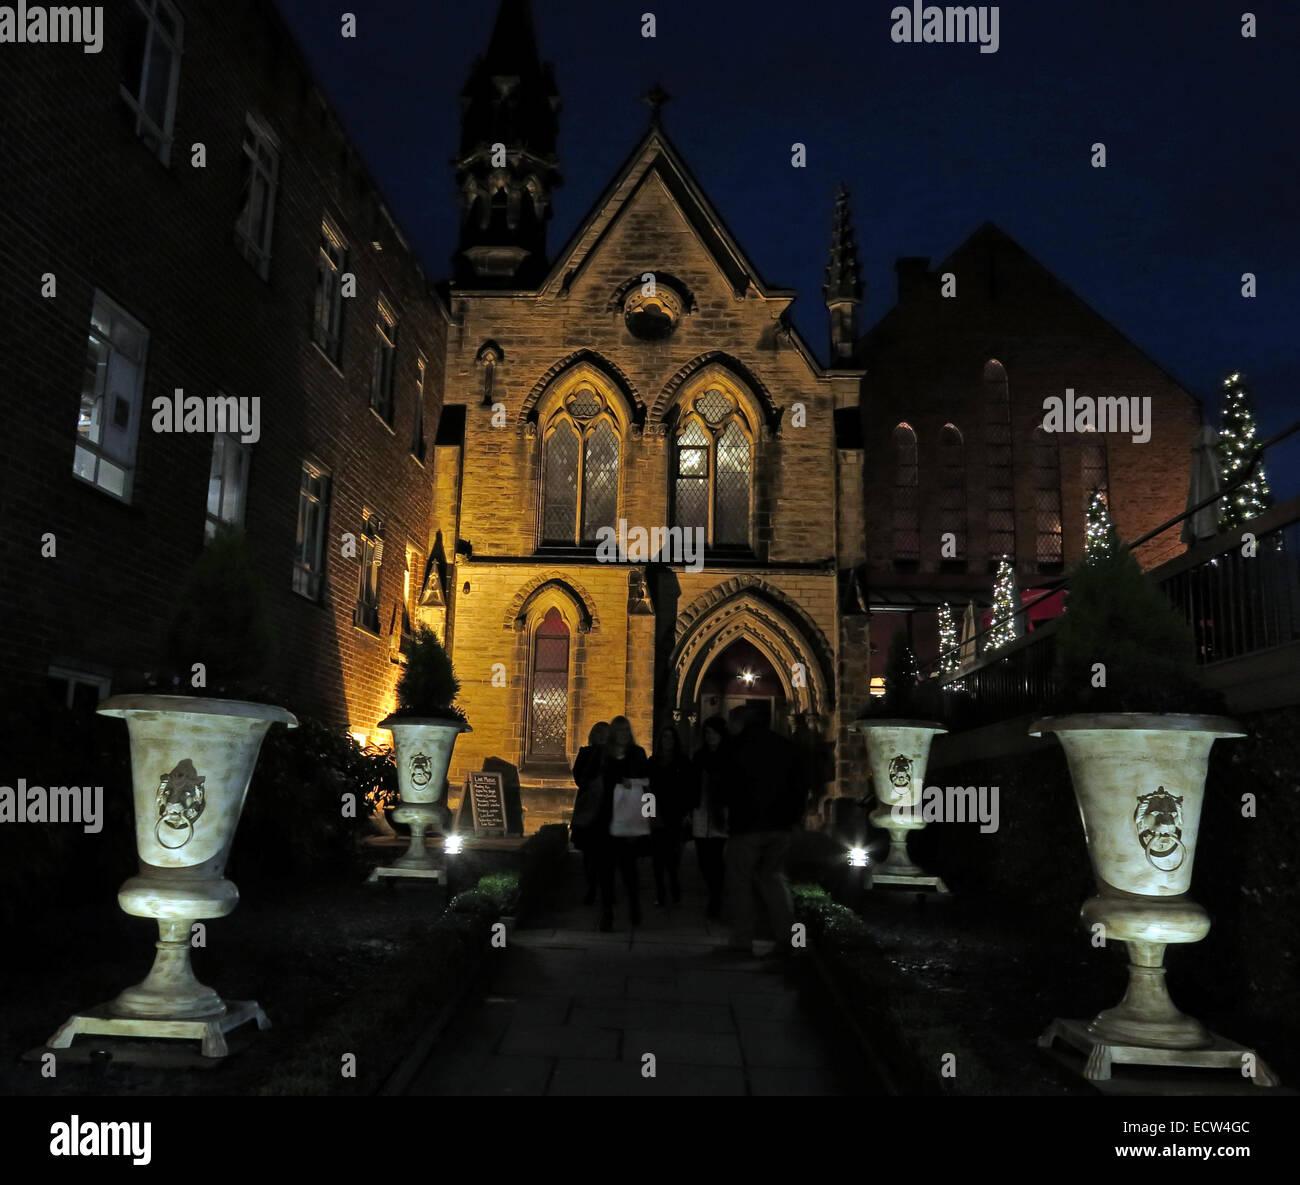 Laden Sie dieses Alamy Stockfoto Die Kirche Bar & Restaurant Chester war in der Abenddämmerung, England, UK, eine Kirche, jetzt eine Kneipe - ECW4GC